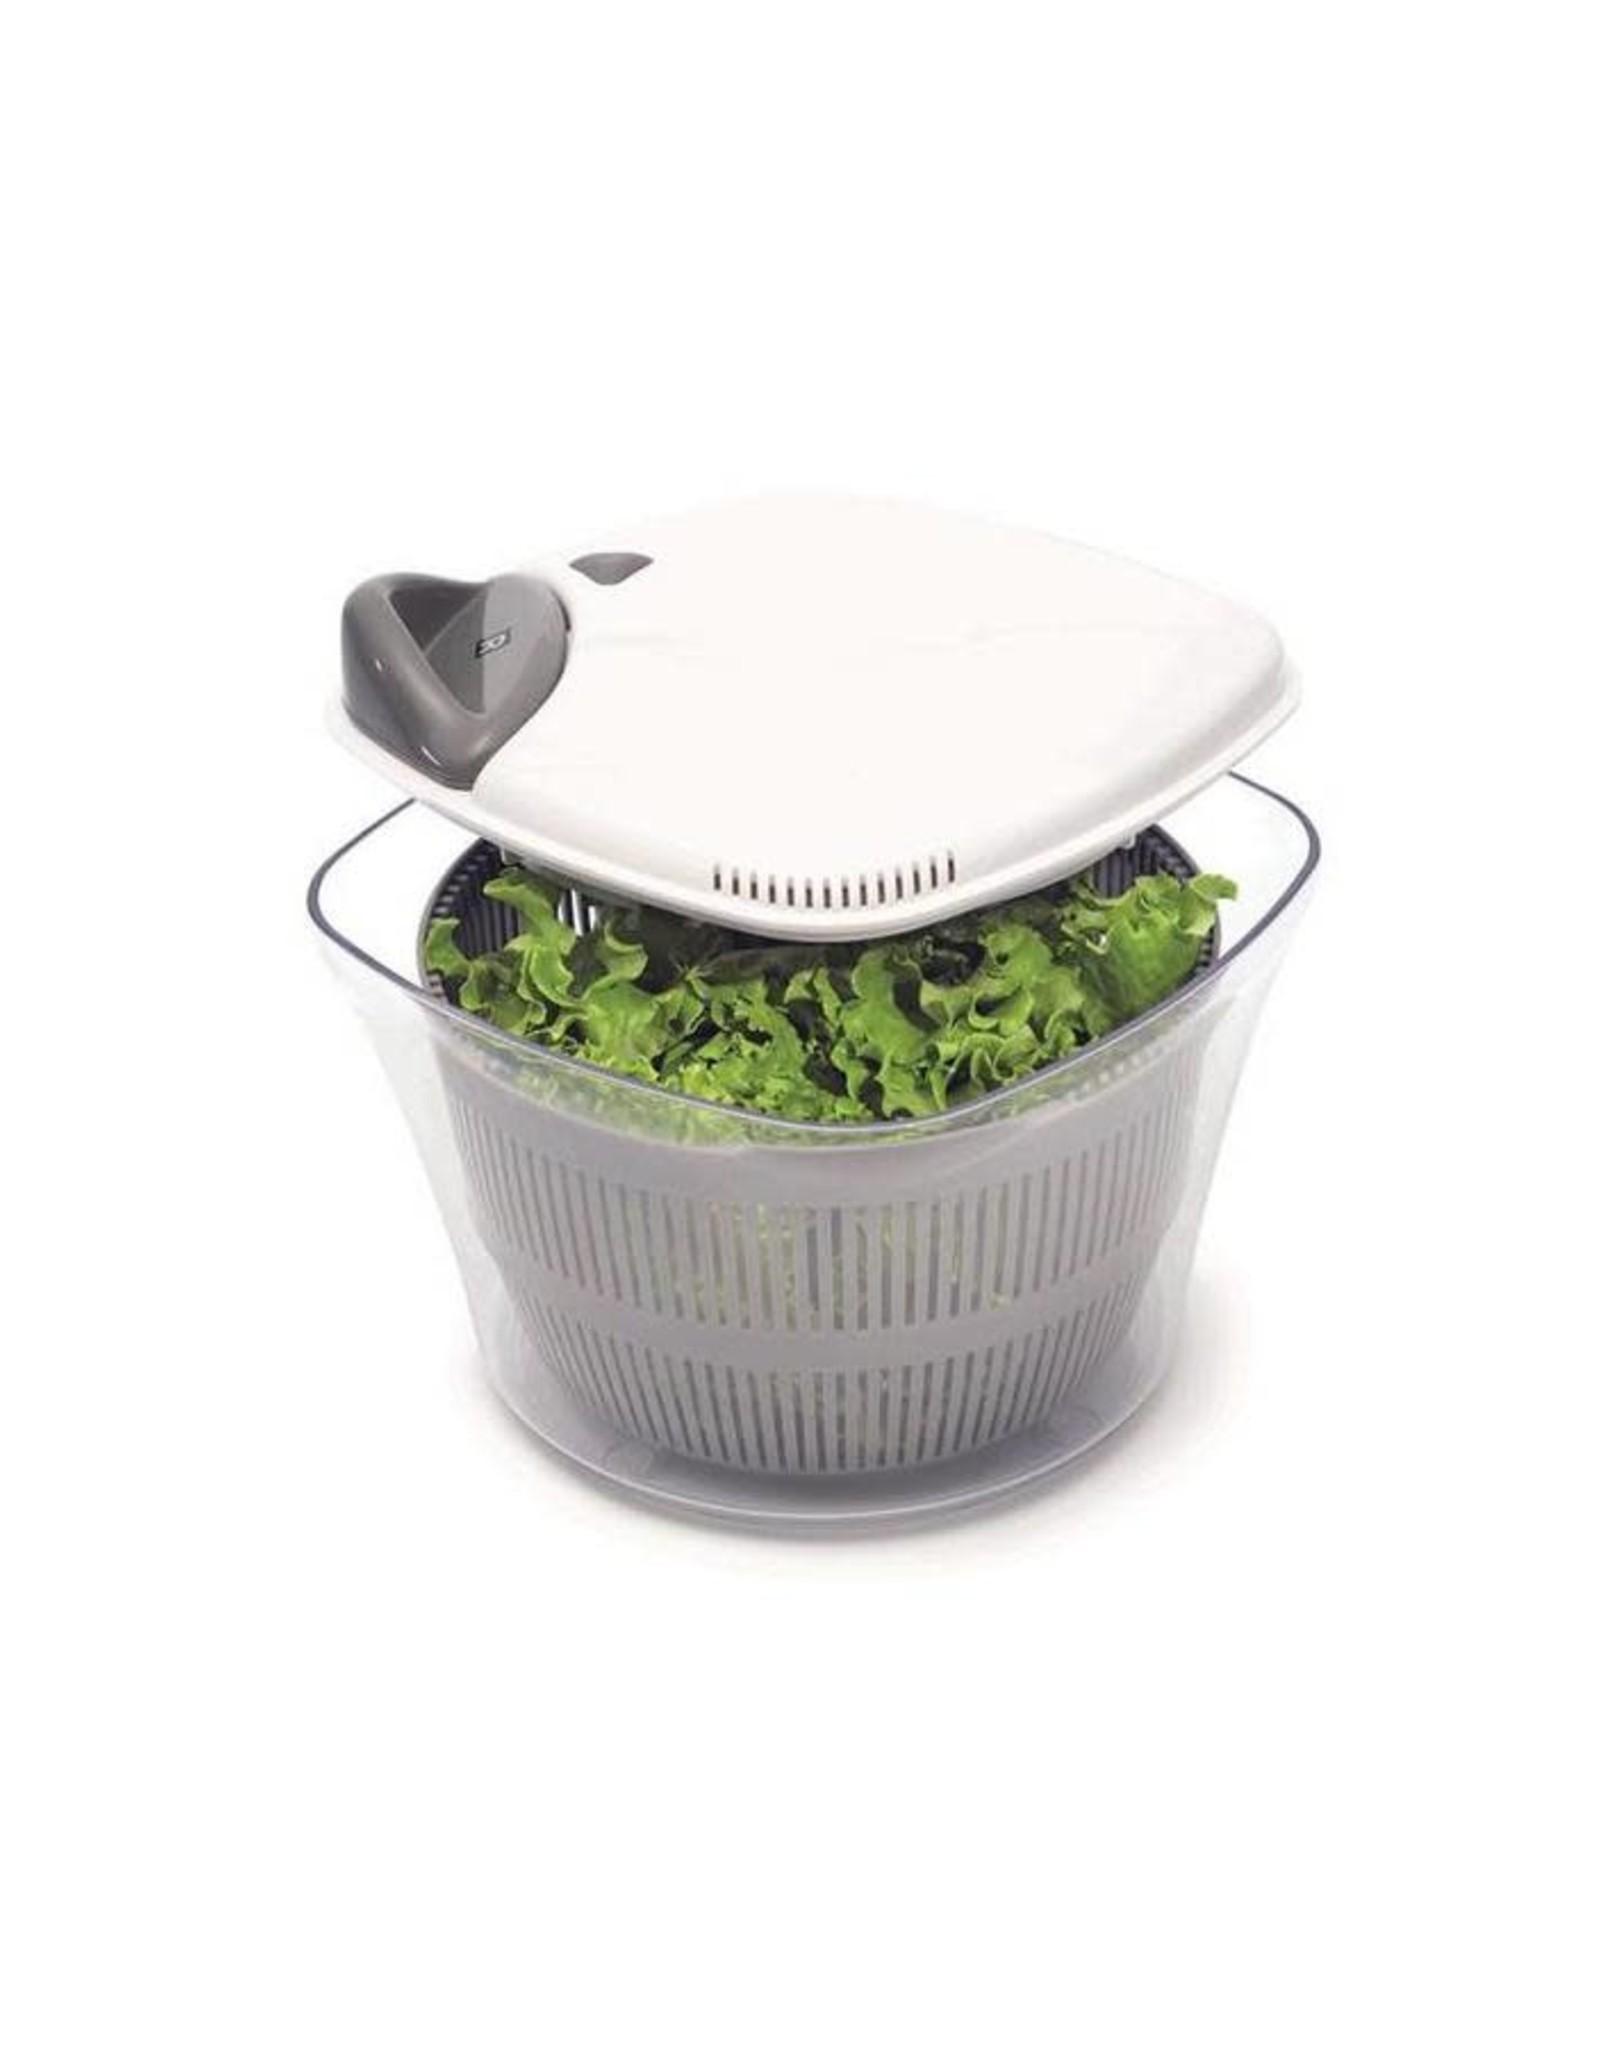 Ricardo Essoreuse à salade (5 L - 5.3 qt)